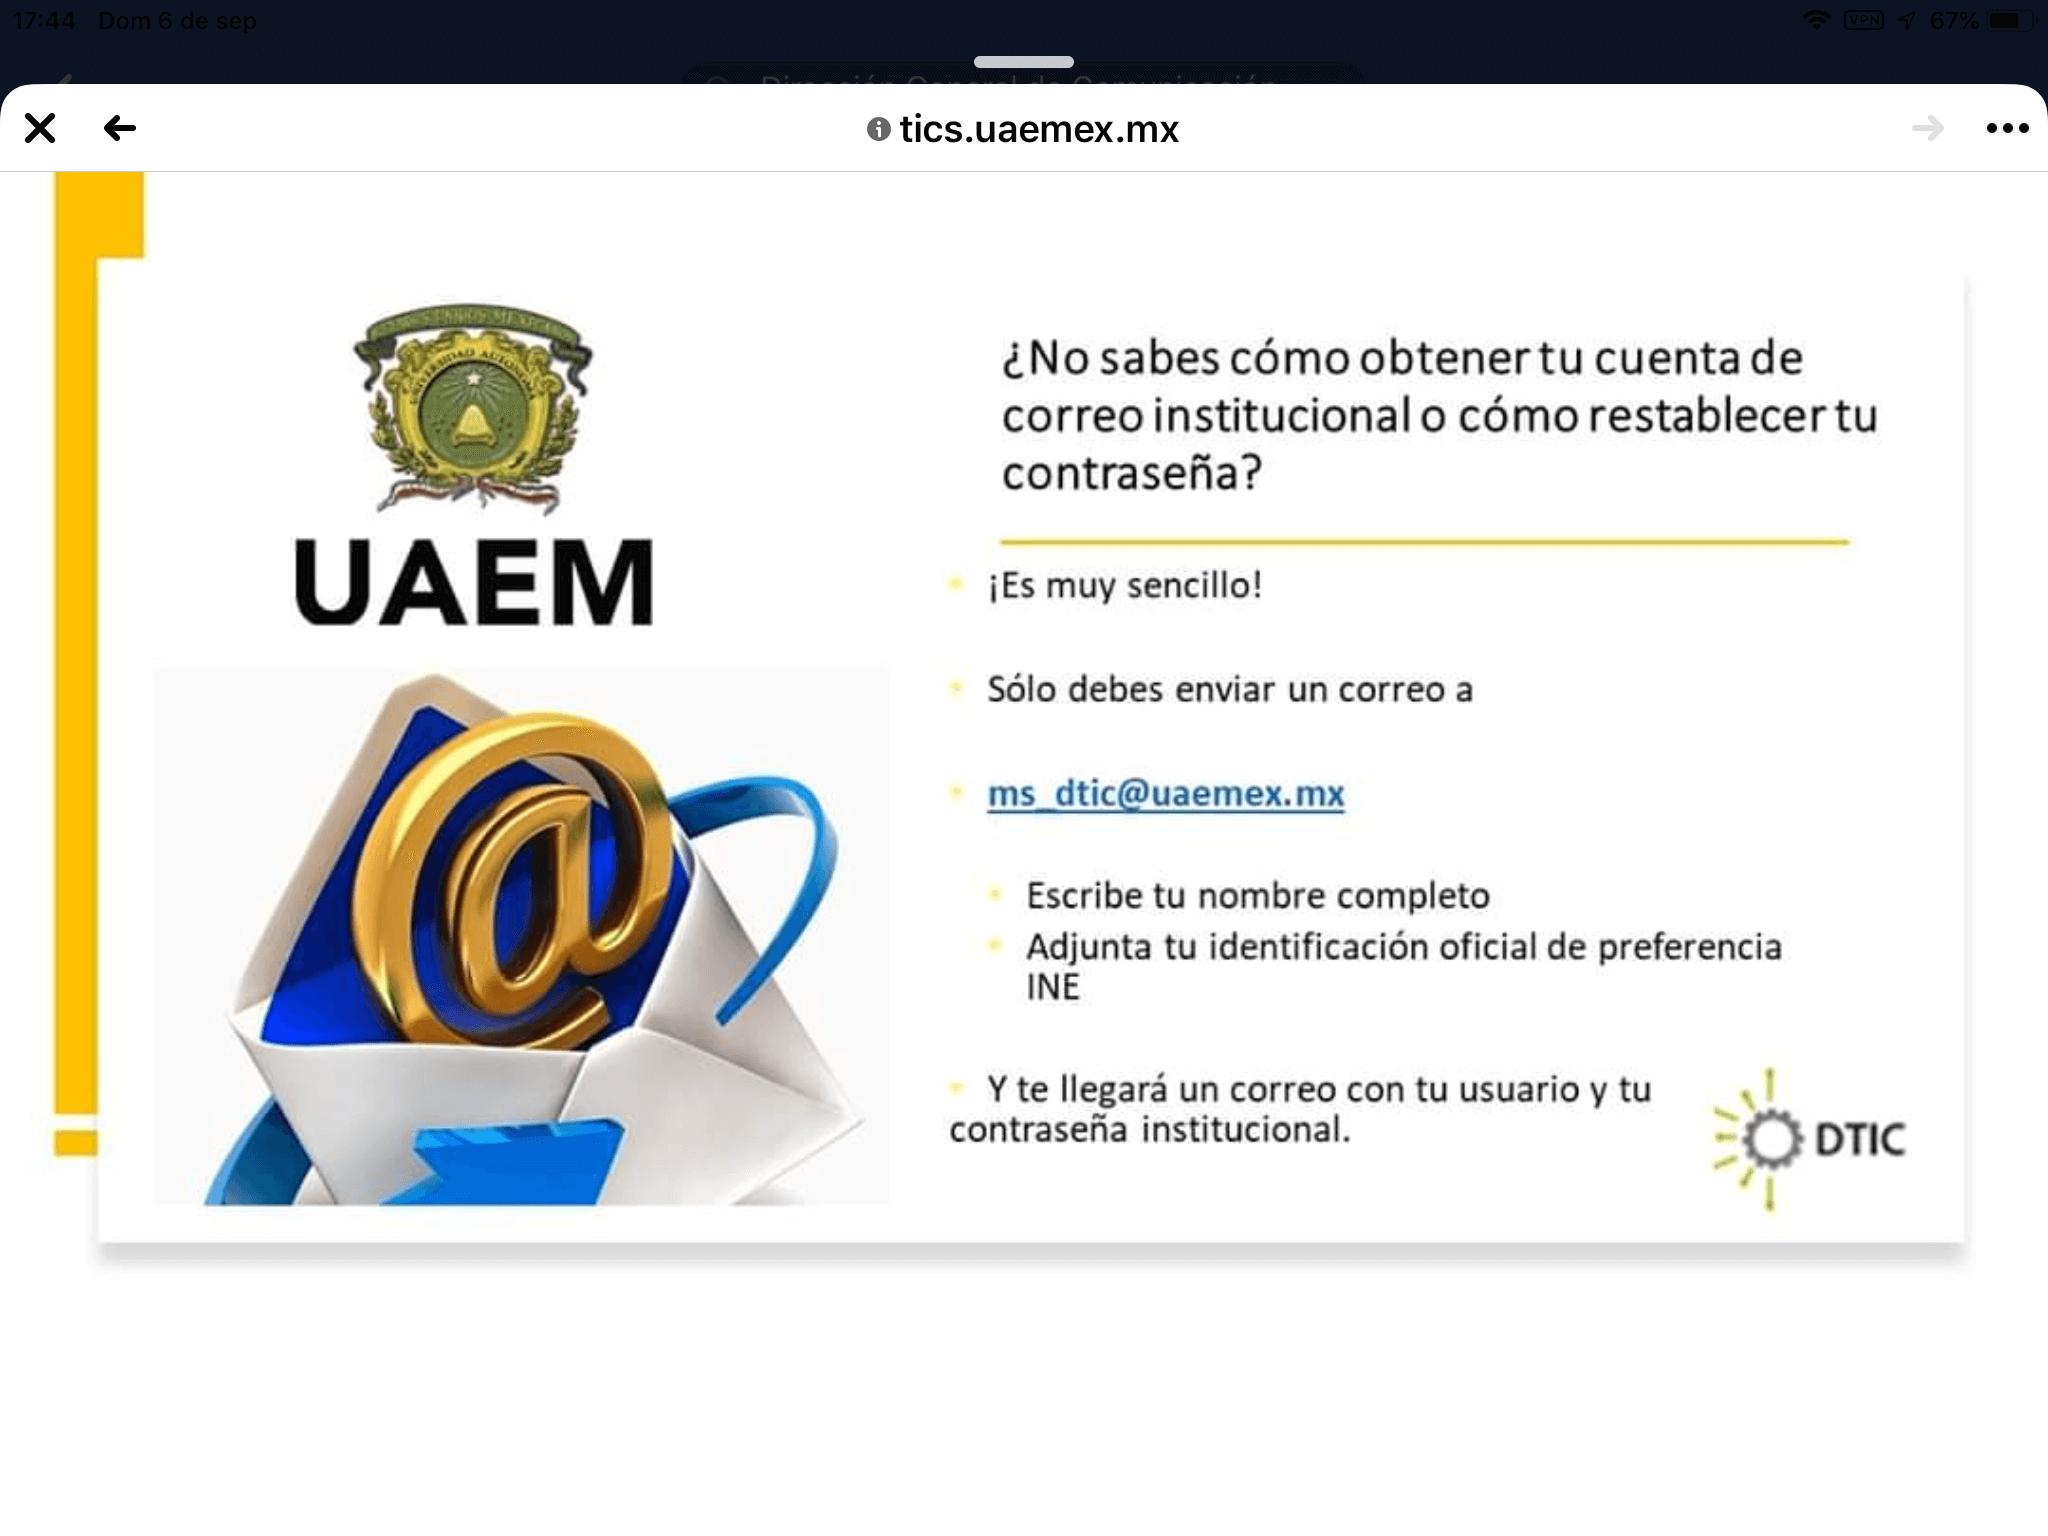 Comunidad UAEM cuenta con asistente virtual Ditec